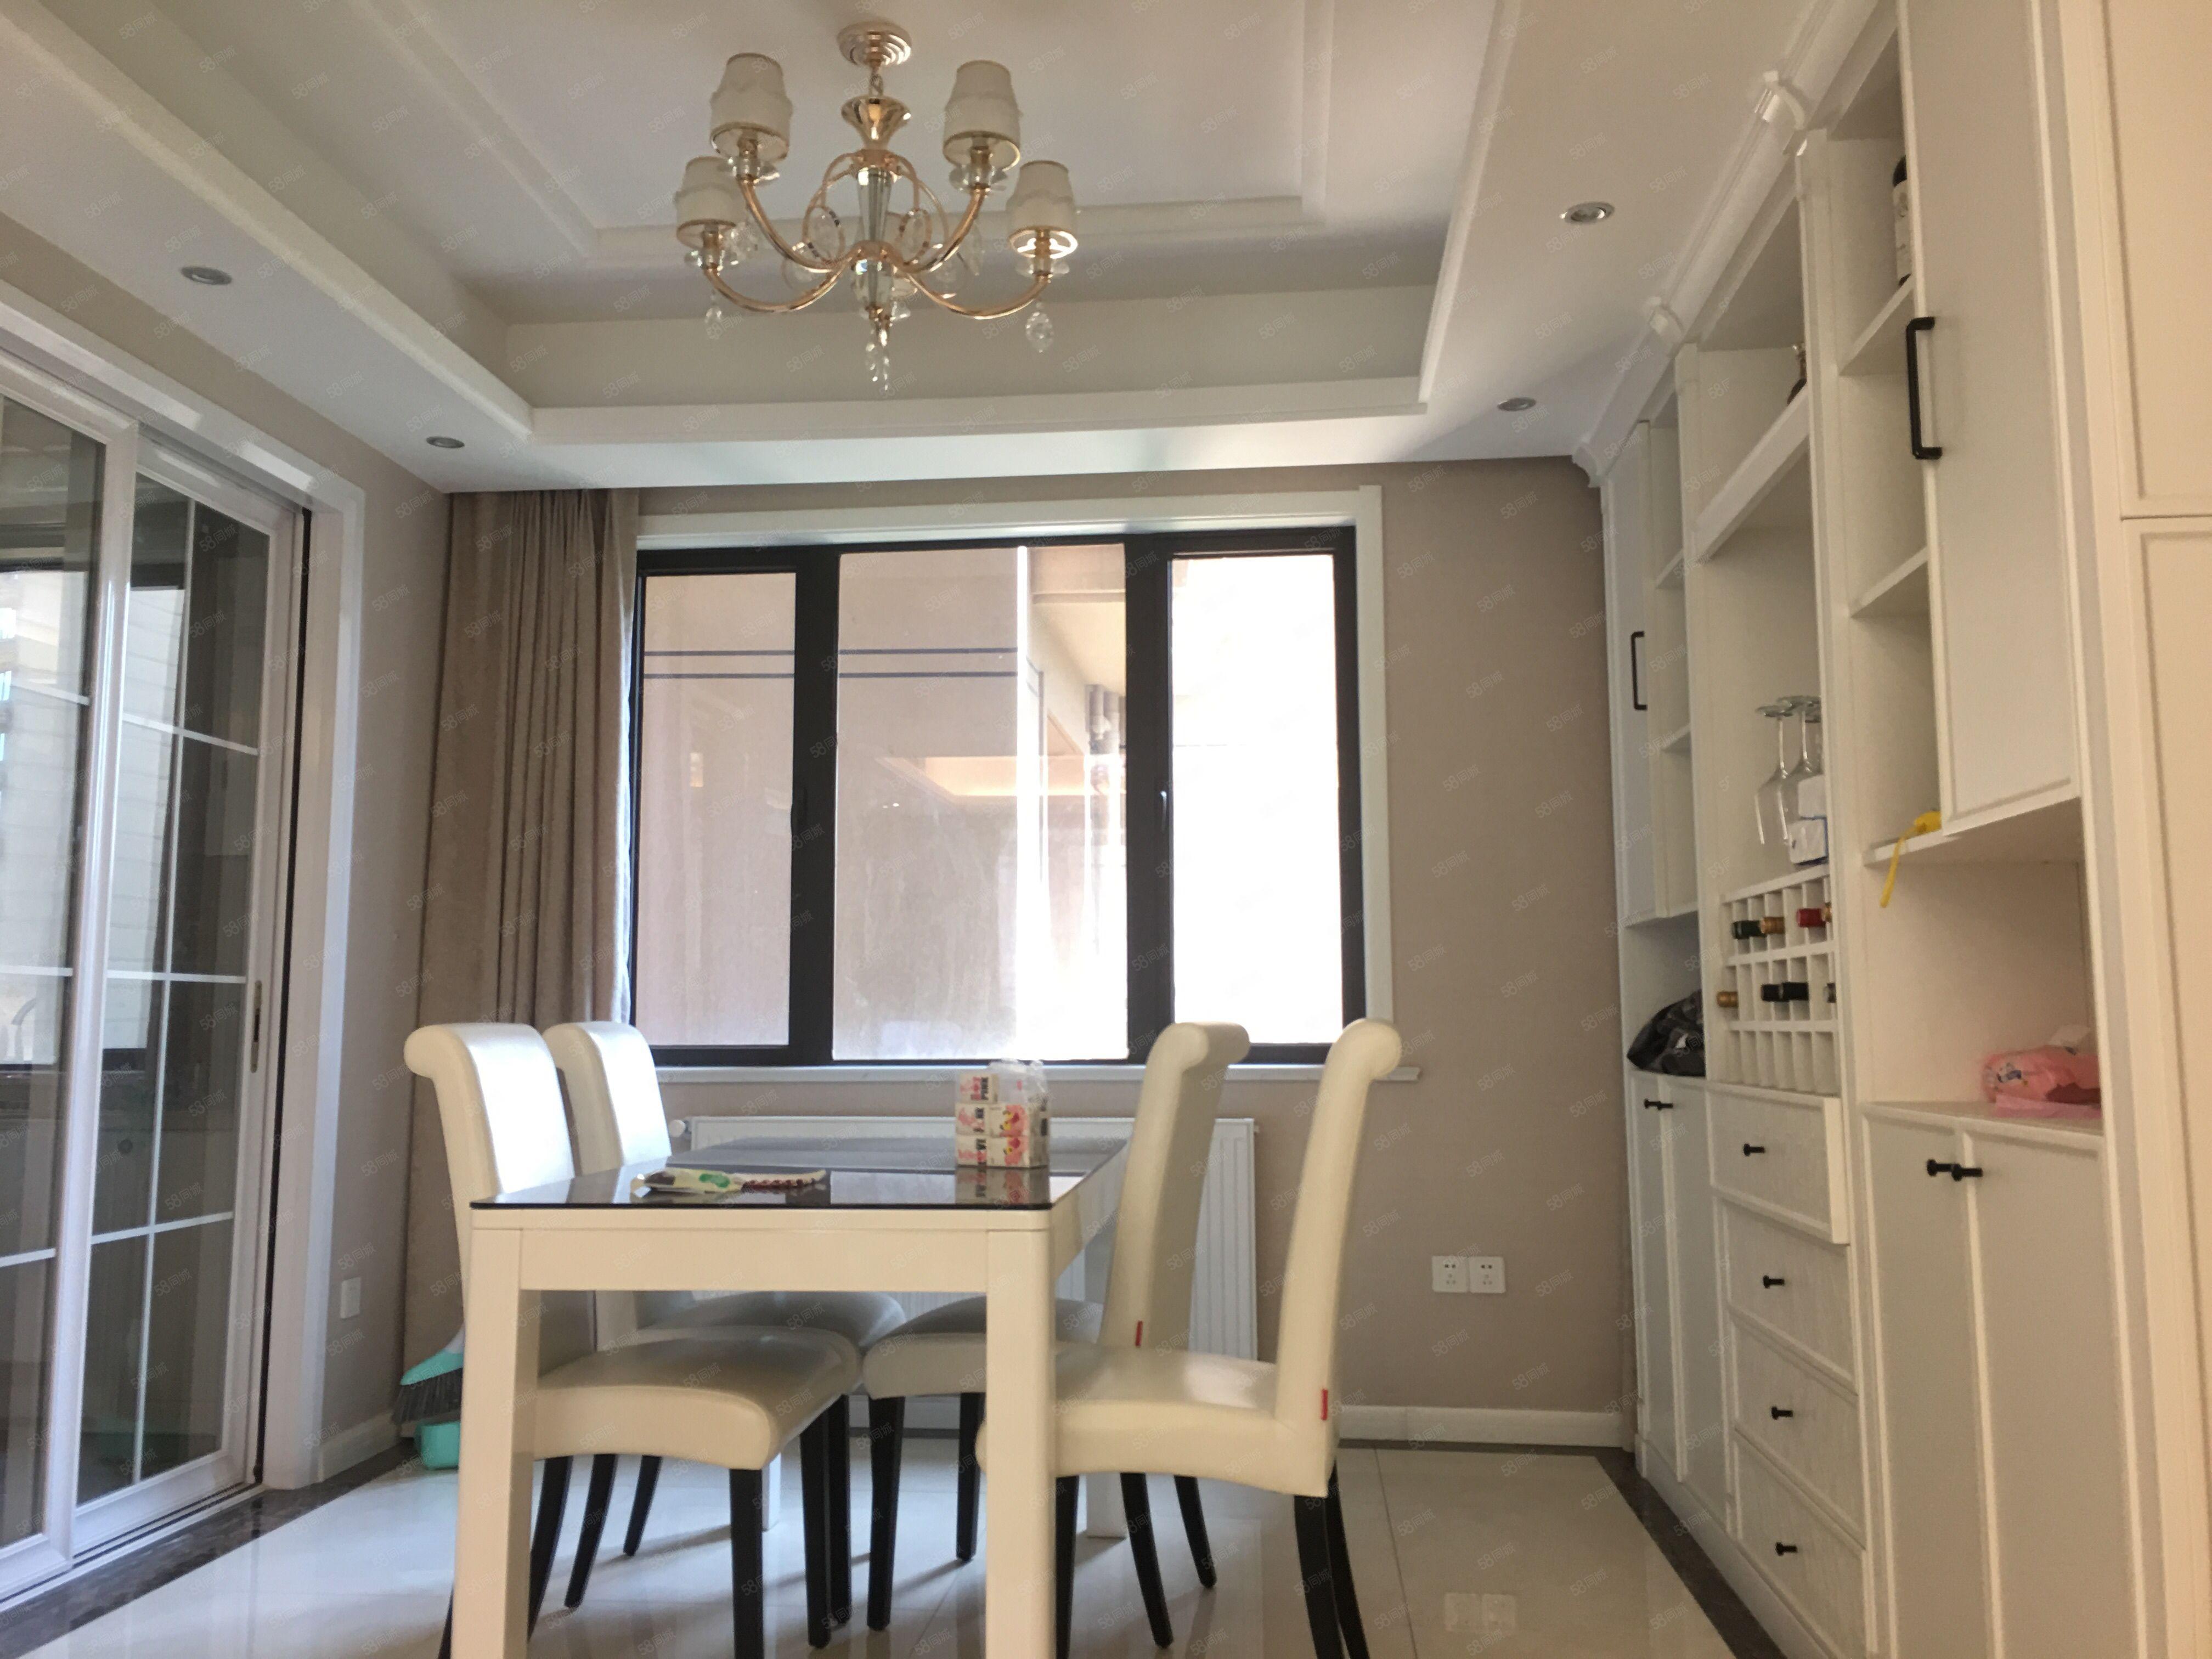 鼎觀世界你值得擁有的四室兩廳超大臥室